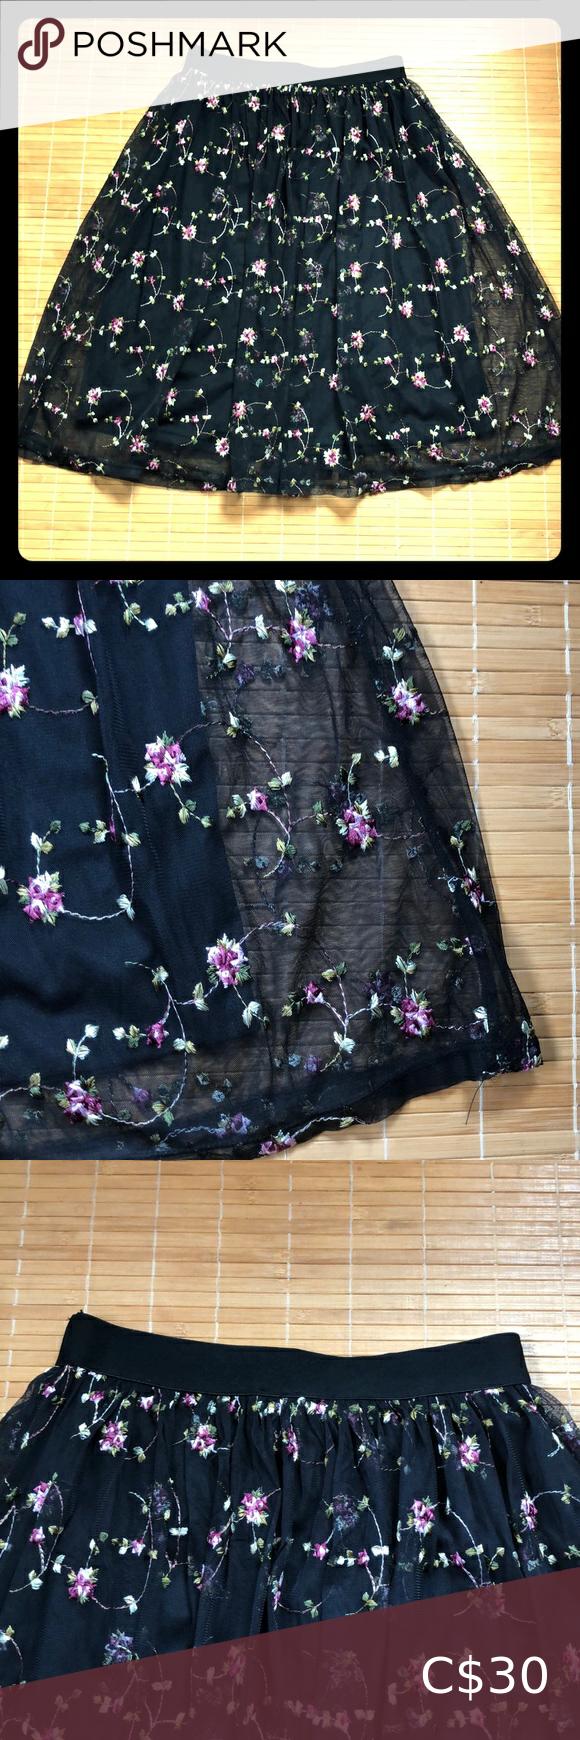 Black embroidered full skirt Forever 21